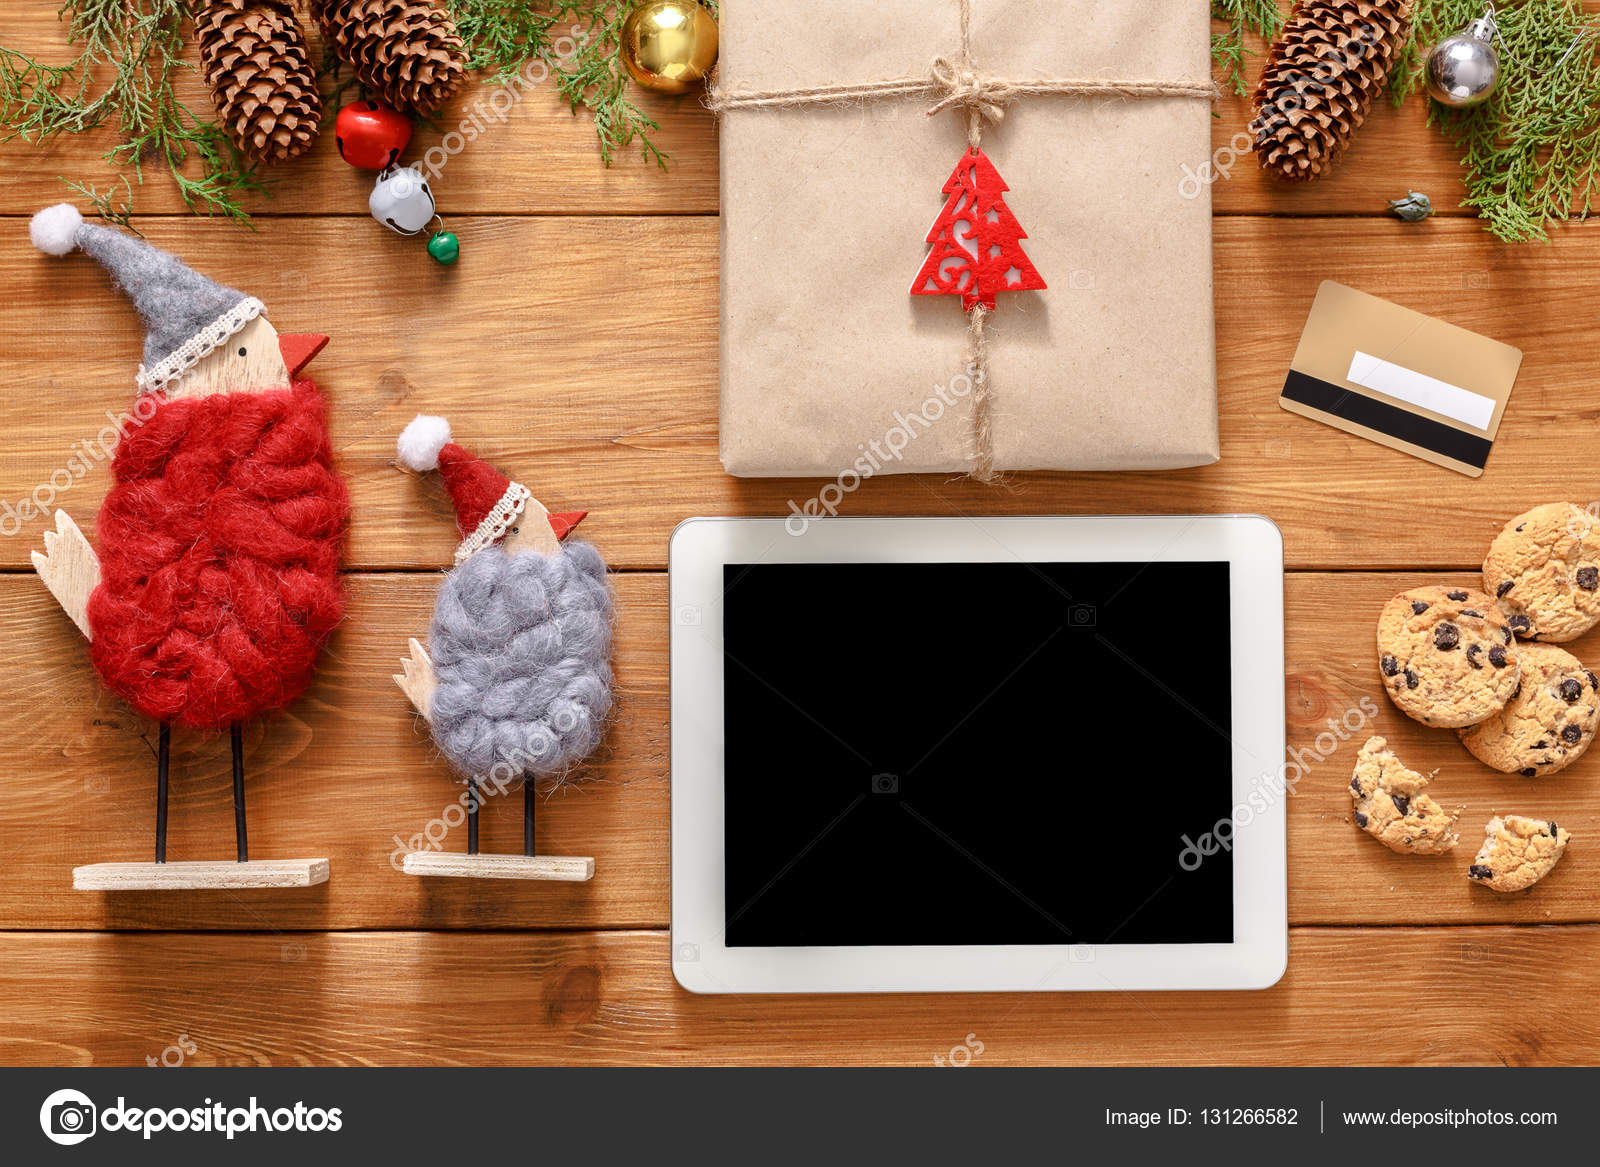 Weihnachten Online-shopping-Hintergrund — Stockfoto © Milkos #131266582